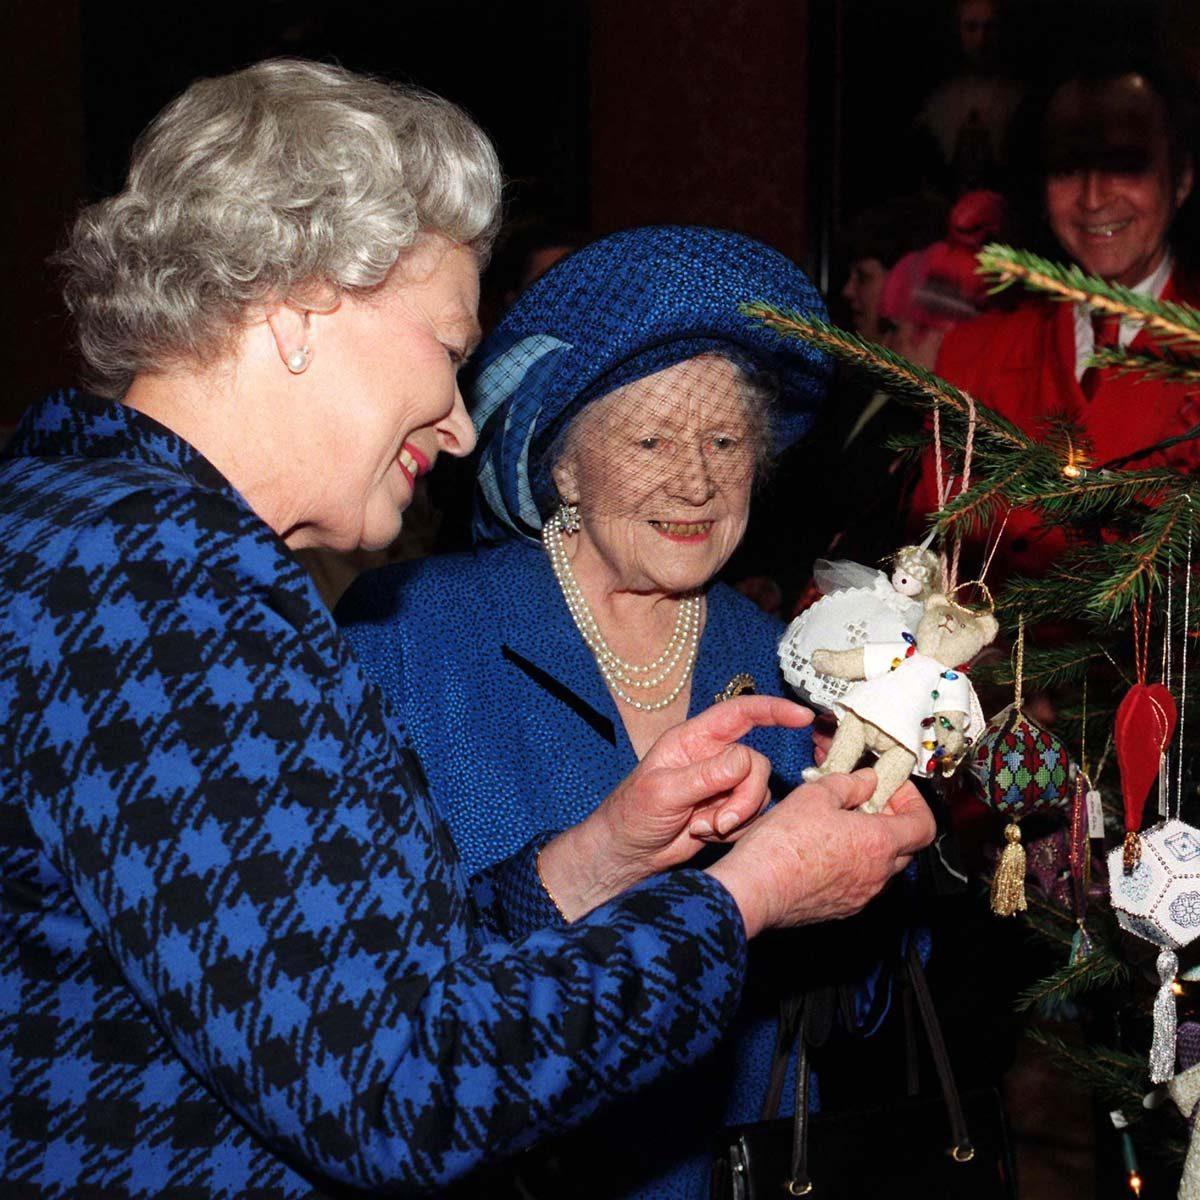 Royal Family Christmas Tree